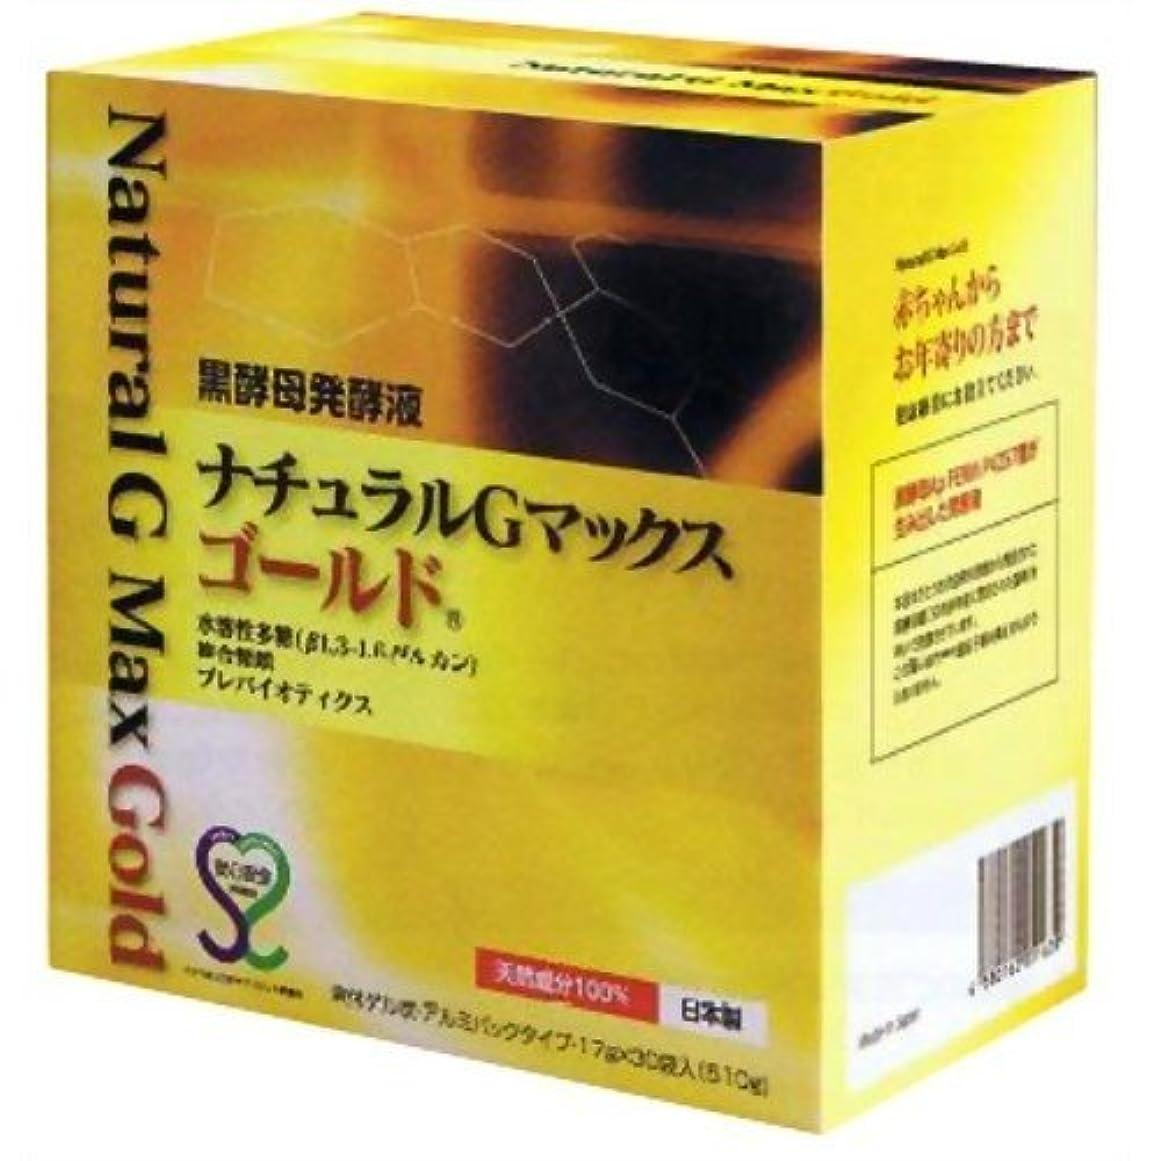 プレーヤーマート地下鉄黒酵母発酵液 ナチュラルGマックスゴールド 17g×30袋